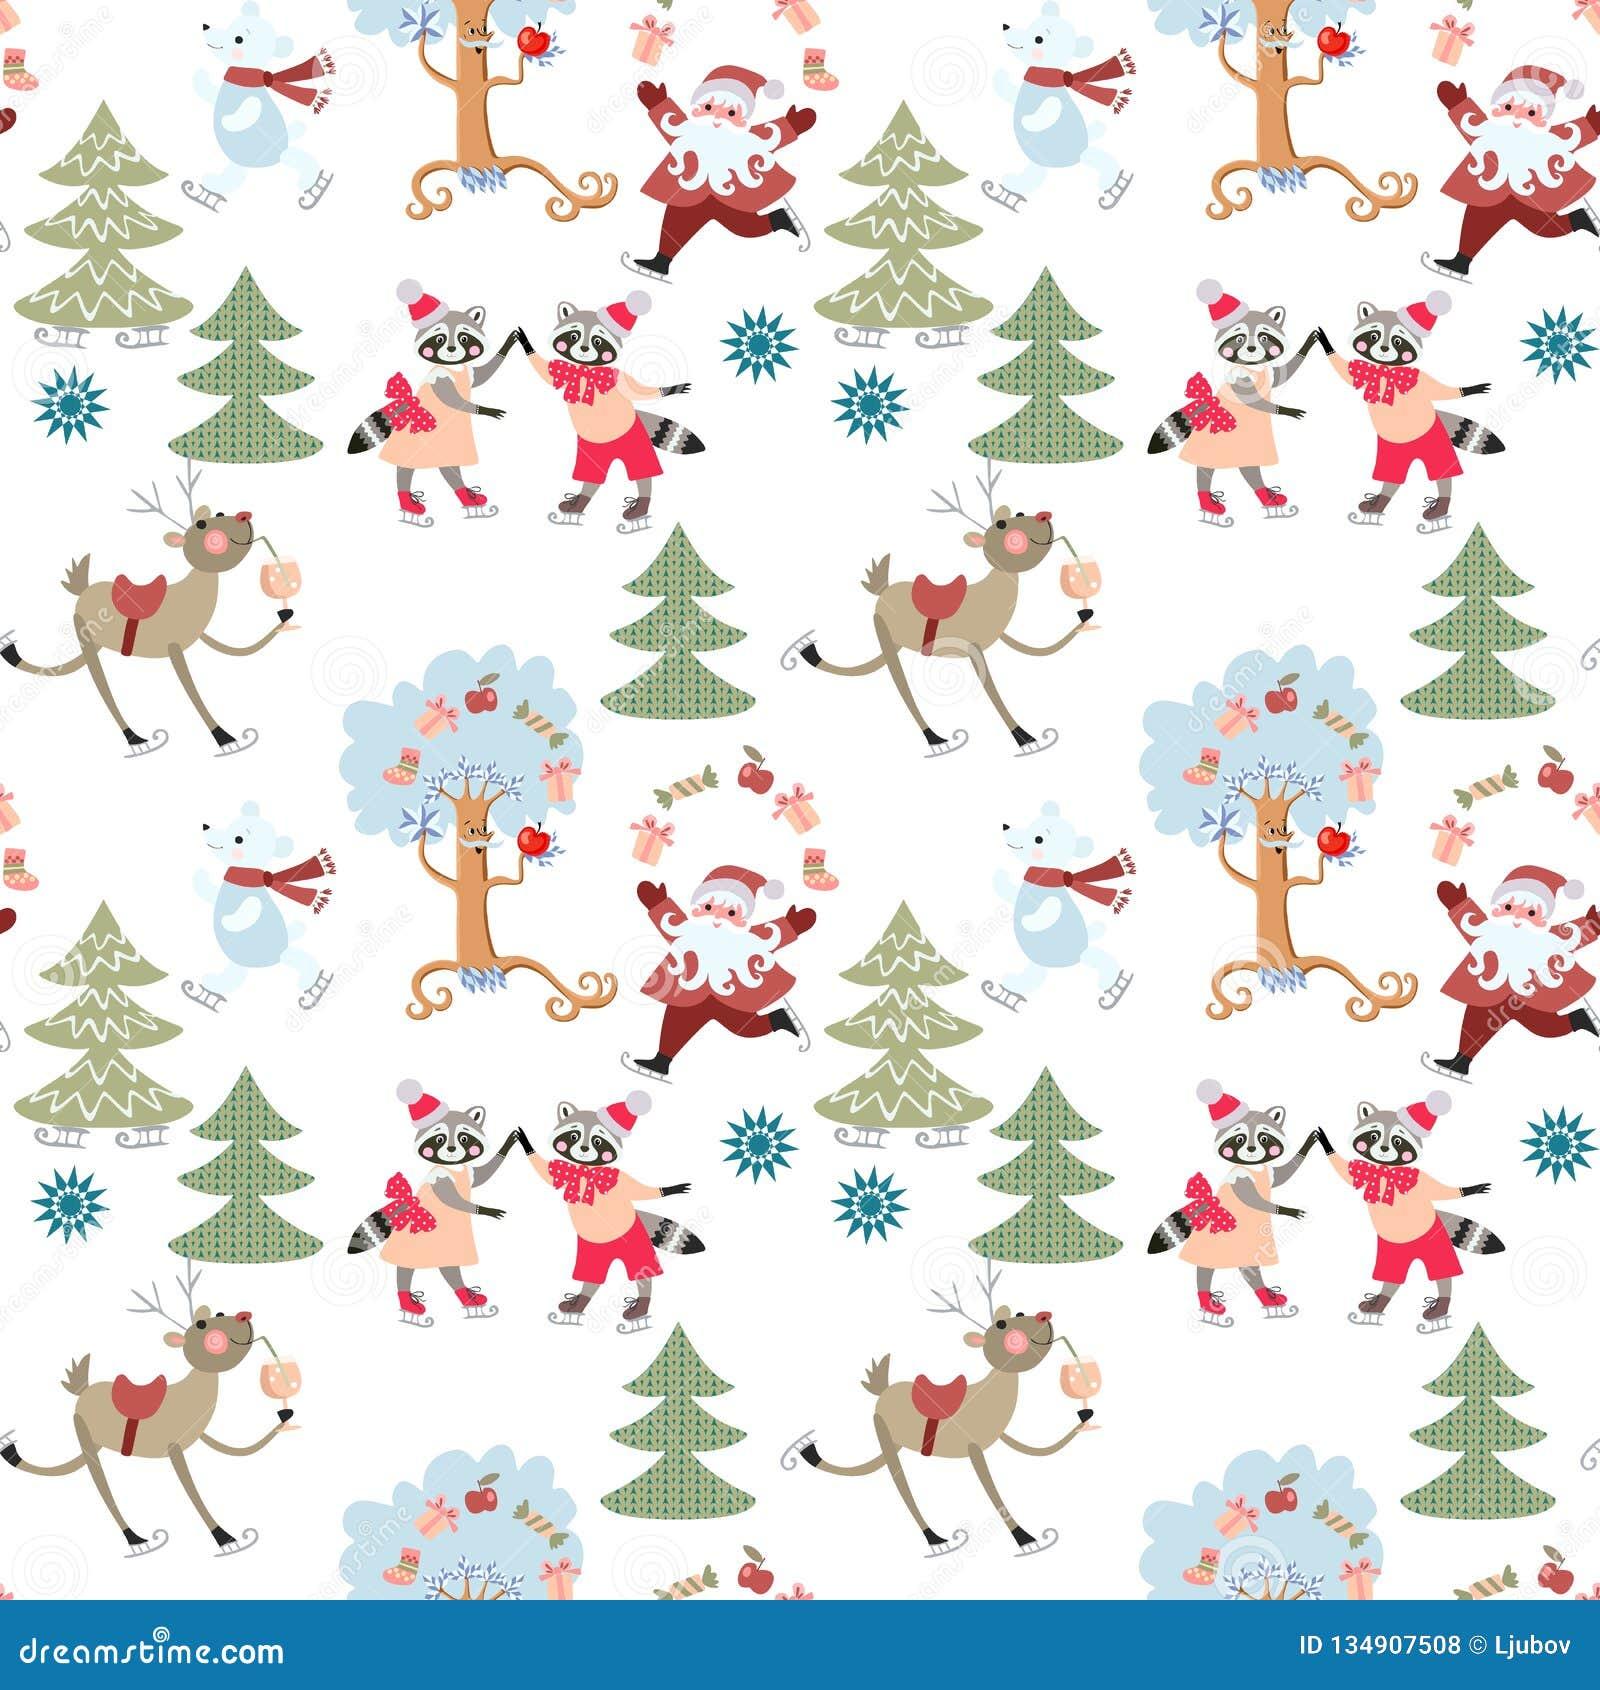 Nahtloses Weihnachtsmuster mit Ren Rudolph, Santa Claus, nette Waschbären und Eisbären im feenhaften Winterwald